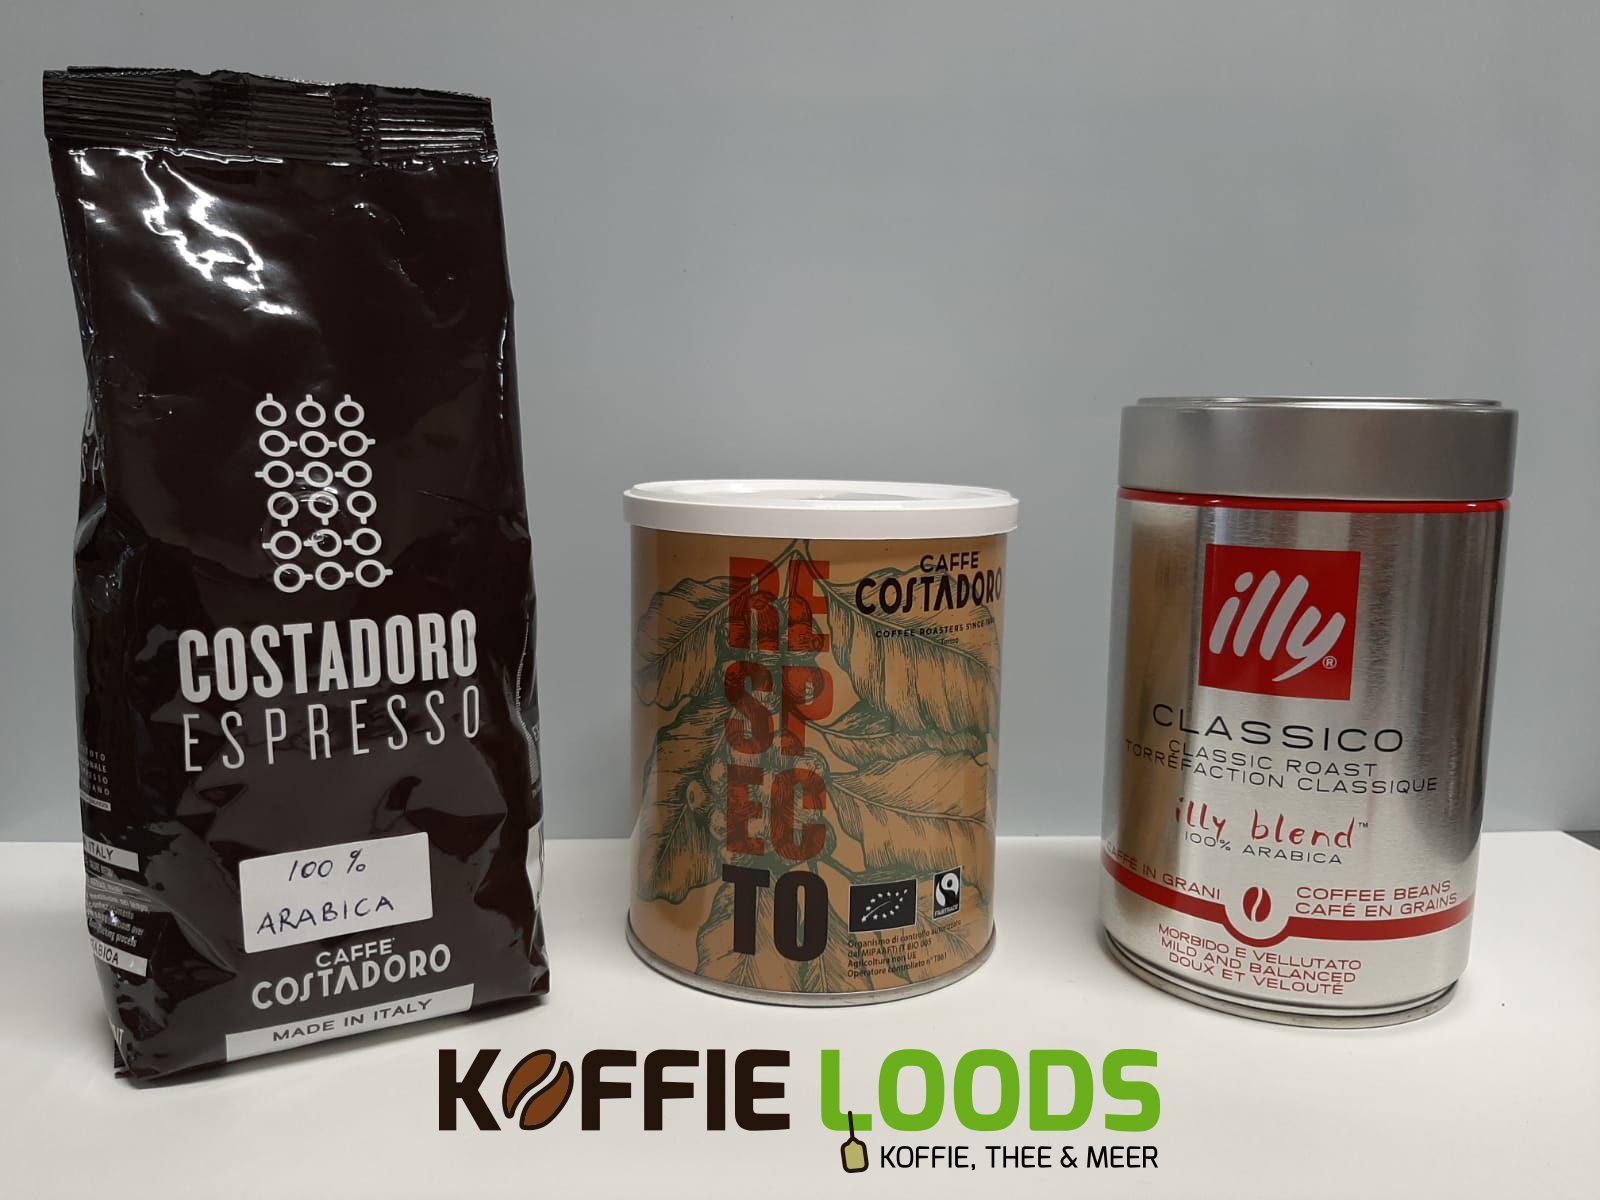 Koffiebonen - Van koffieplant tot jouw favoriete kopje koffie